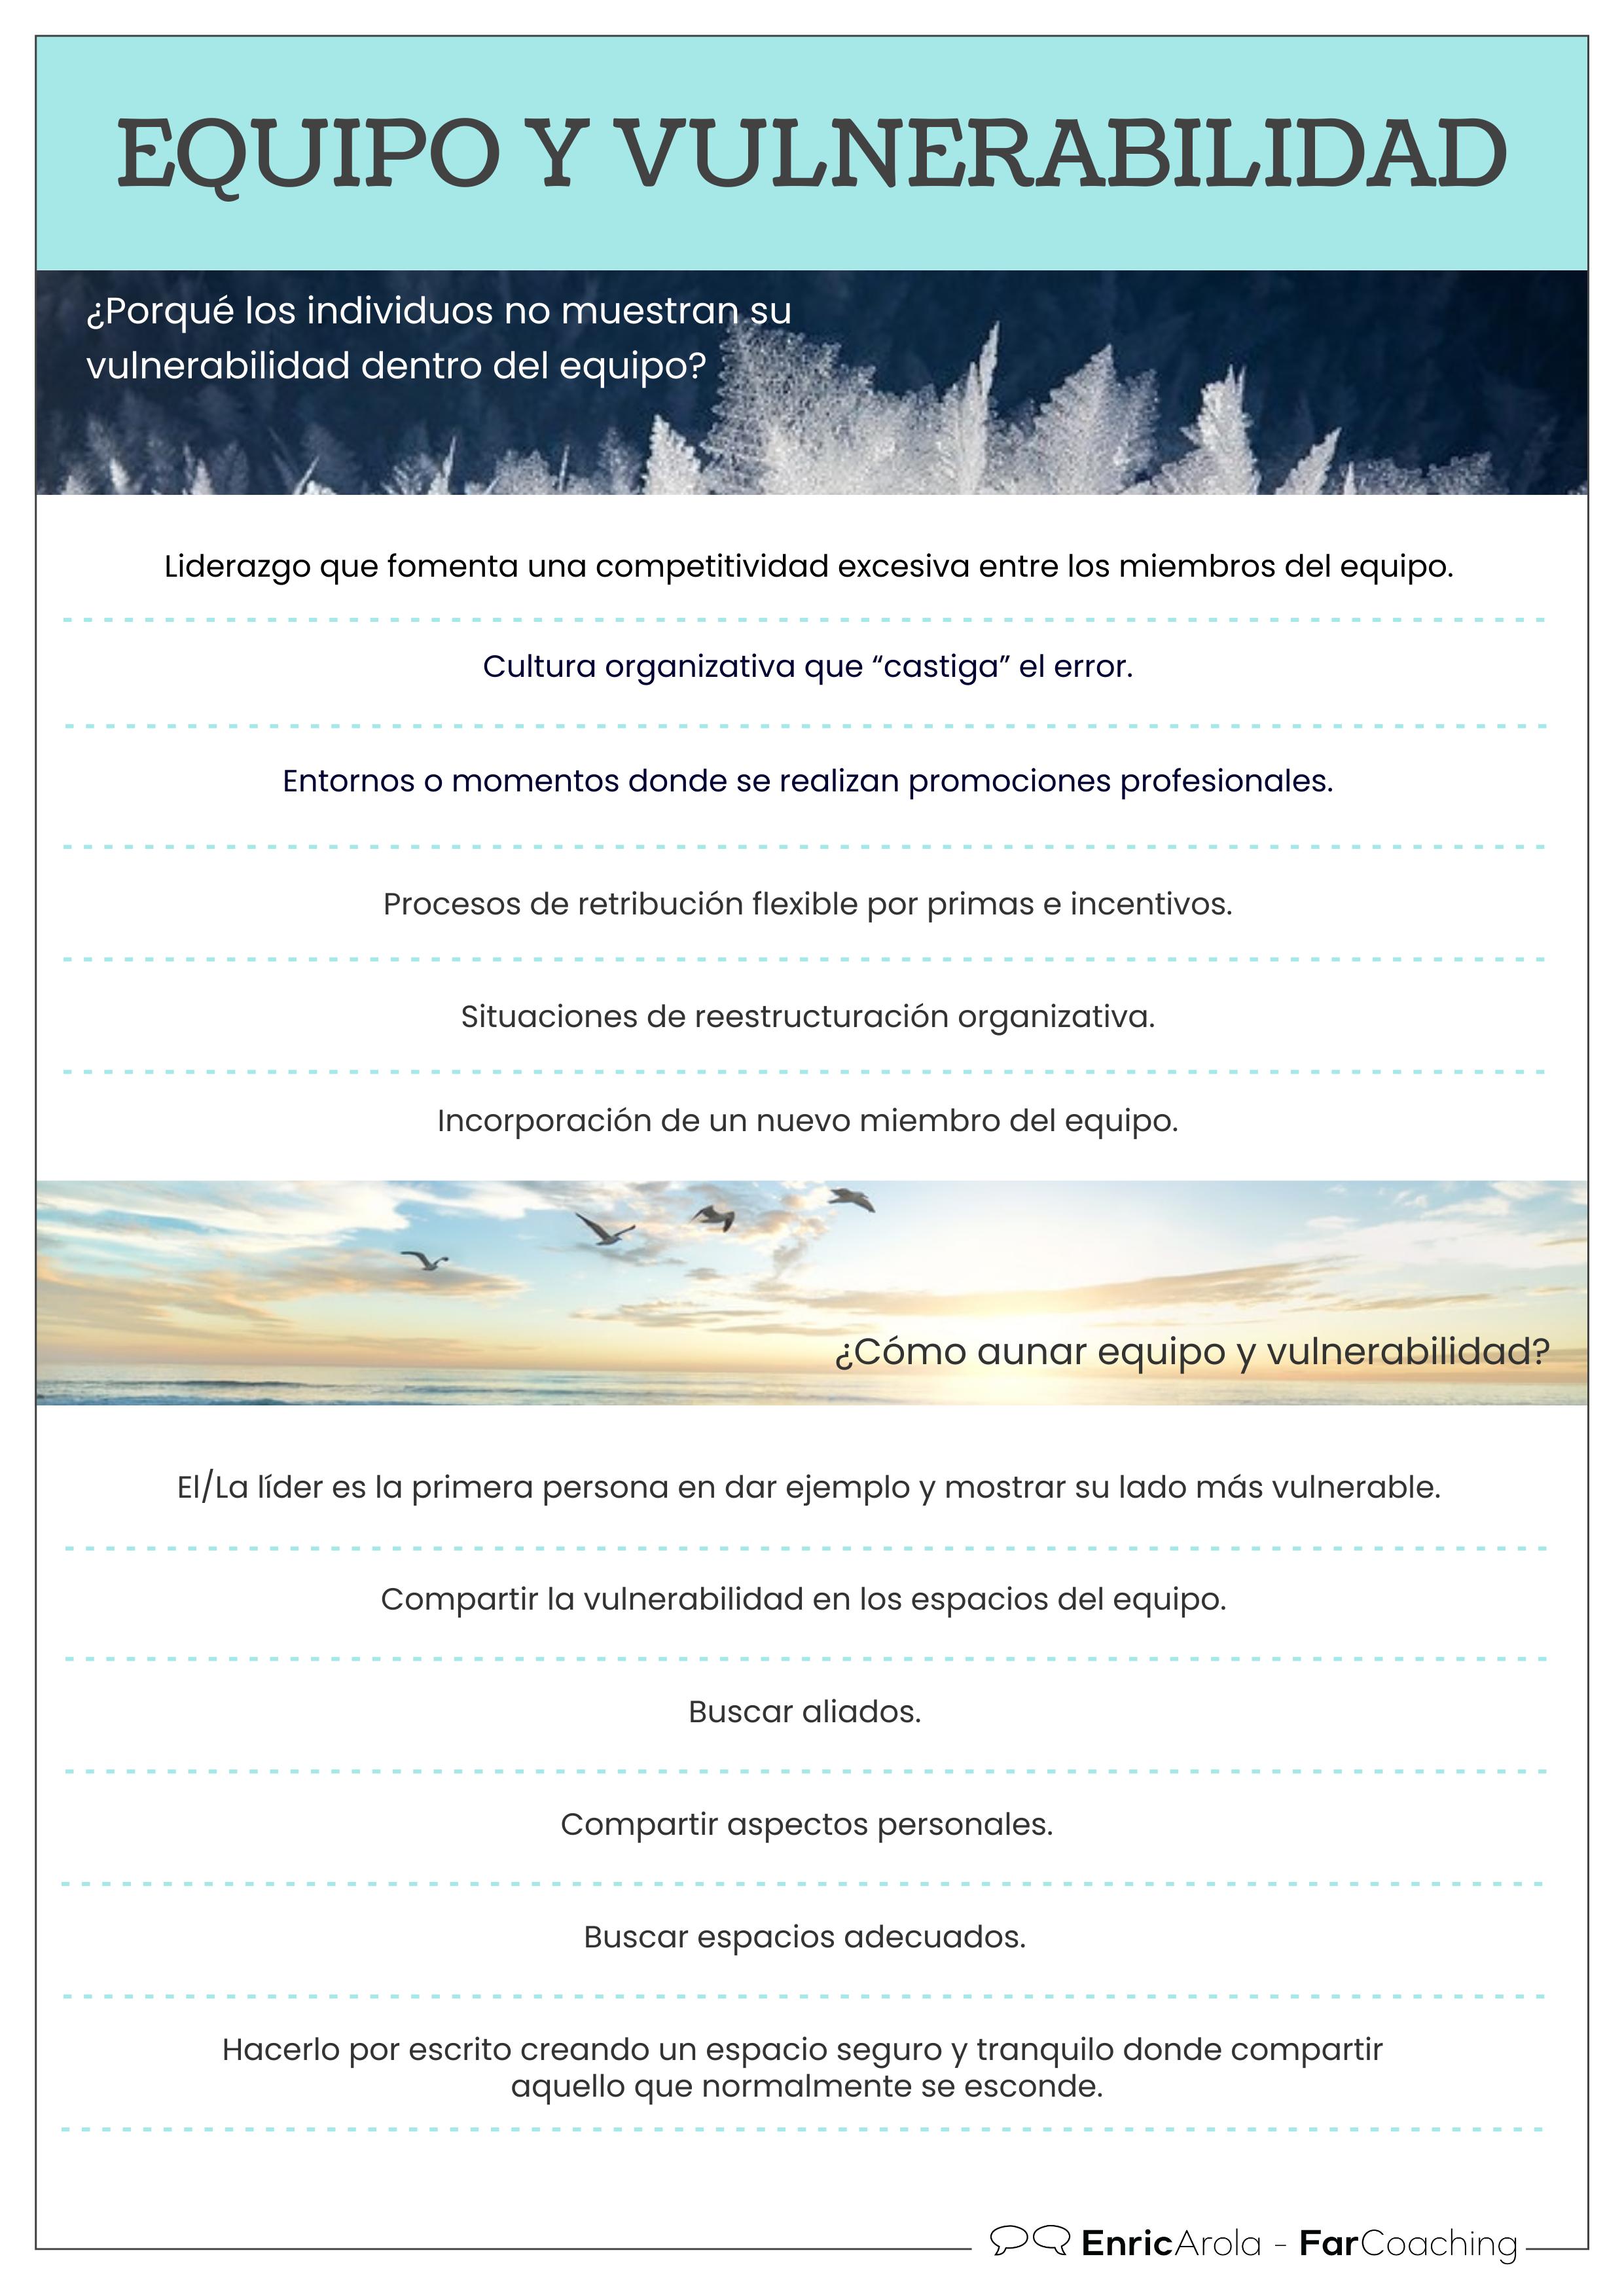 Infografía Equipo y vulnerabilidad